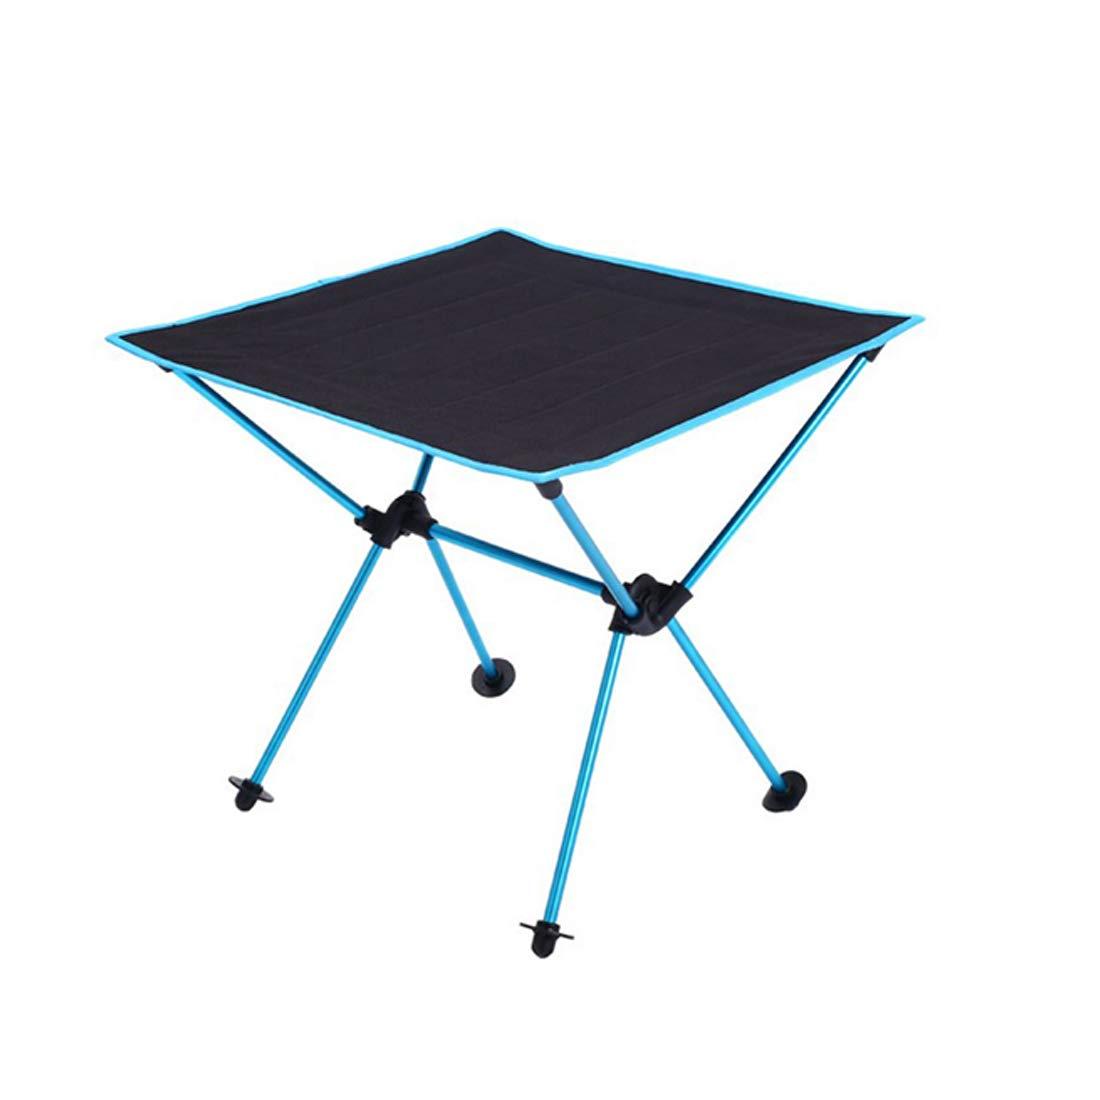 Kamiwwso Oxford, Mesa Plegable Multifuncional para Picnic, Aluminio Oxford, Kamiwwso Azul Claro (Color : Azul) 983de9